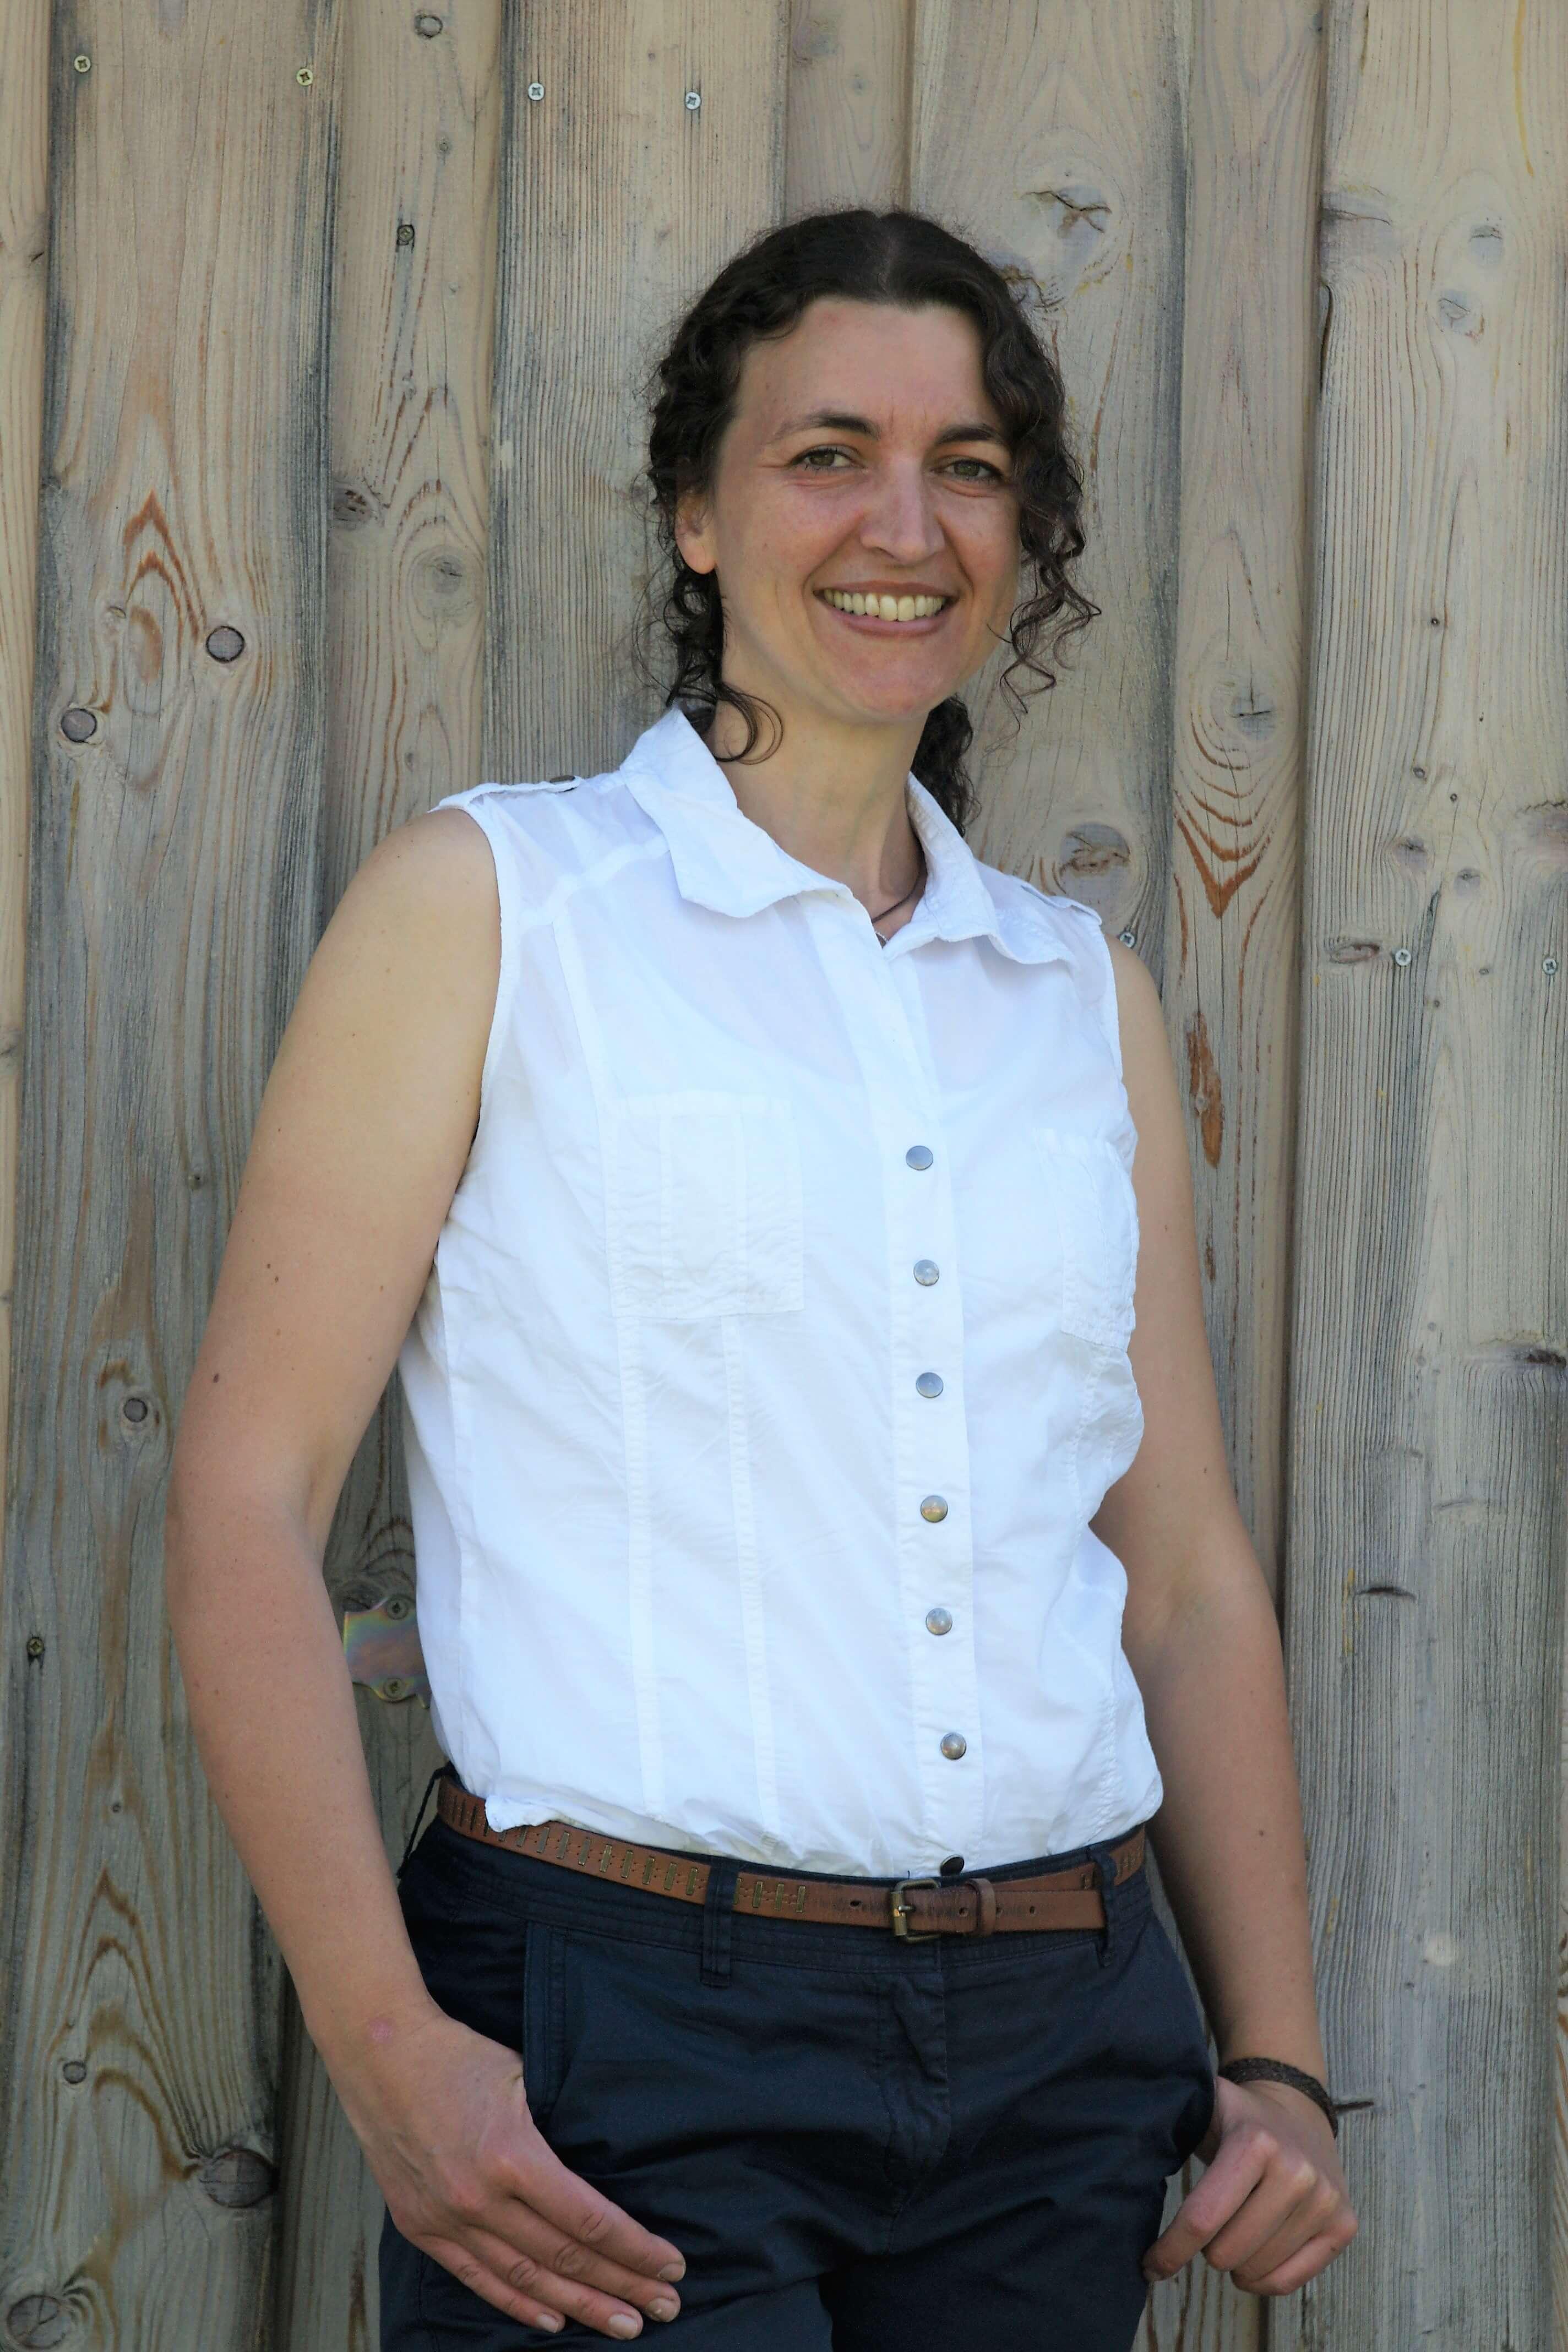 Andrea Farnung – Erzieherin, Heilpraktikerin, staatl. zert. Kräuterpädagogin